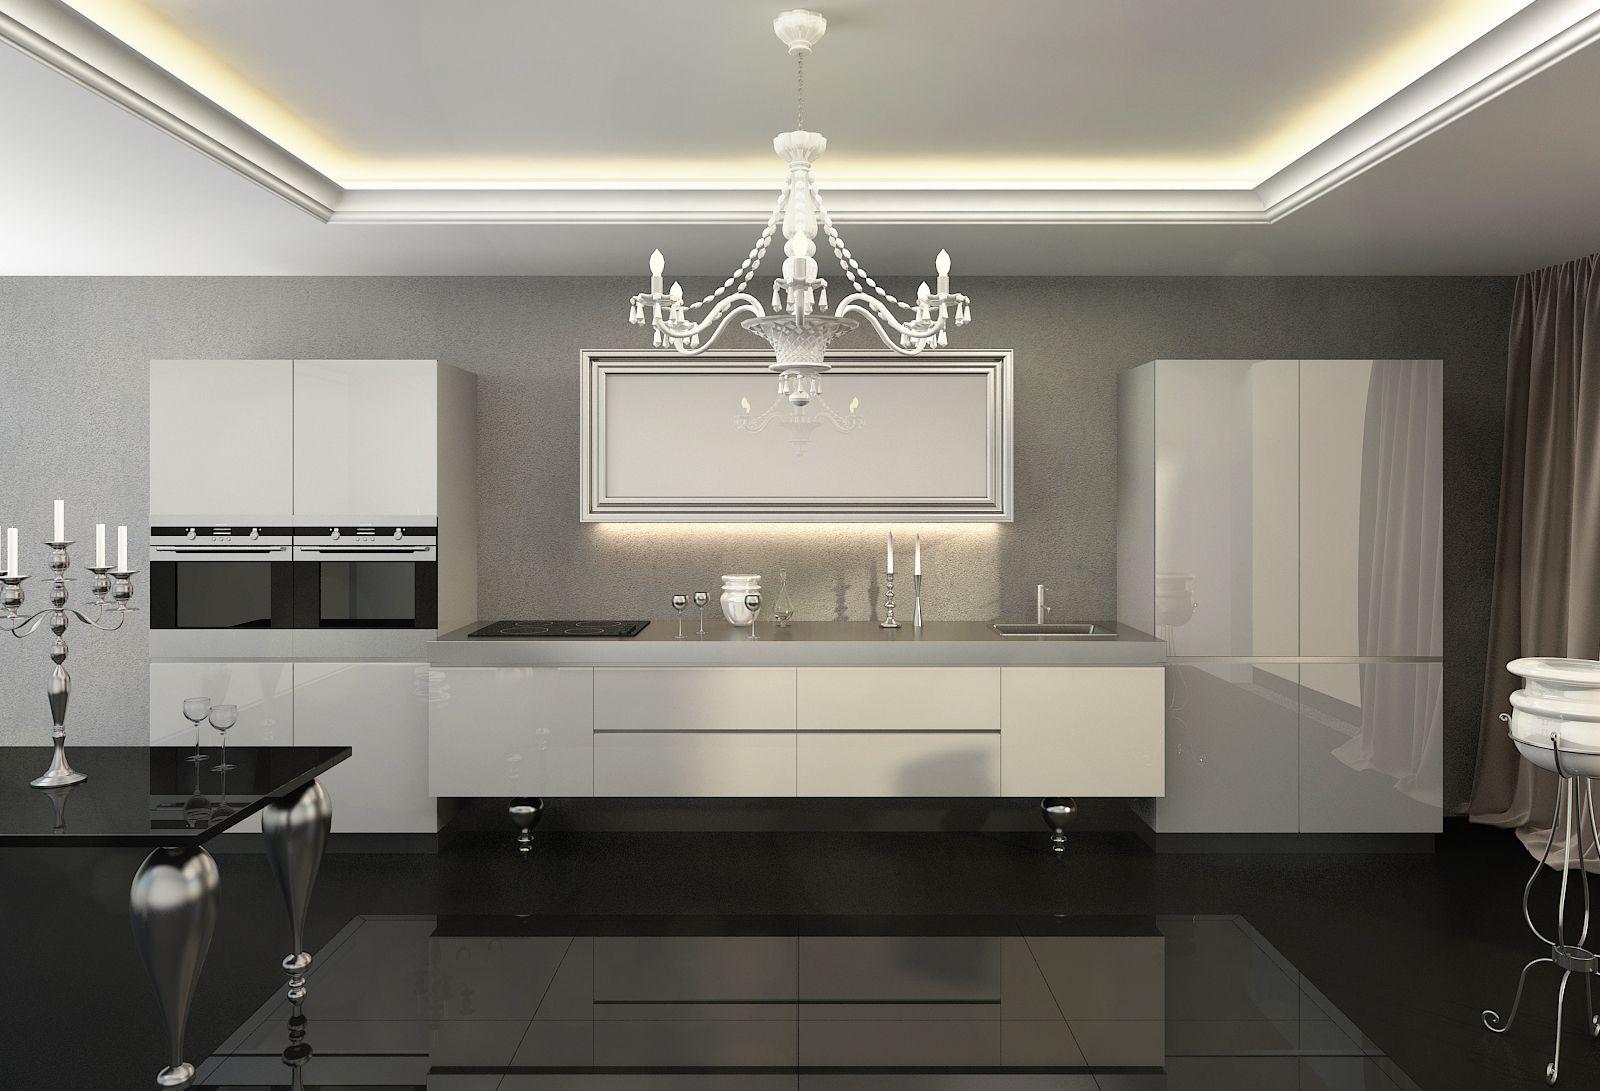 Ausgezeichnet Küche Combo Set India Bilder - Küchenschrank Ideen ...